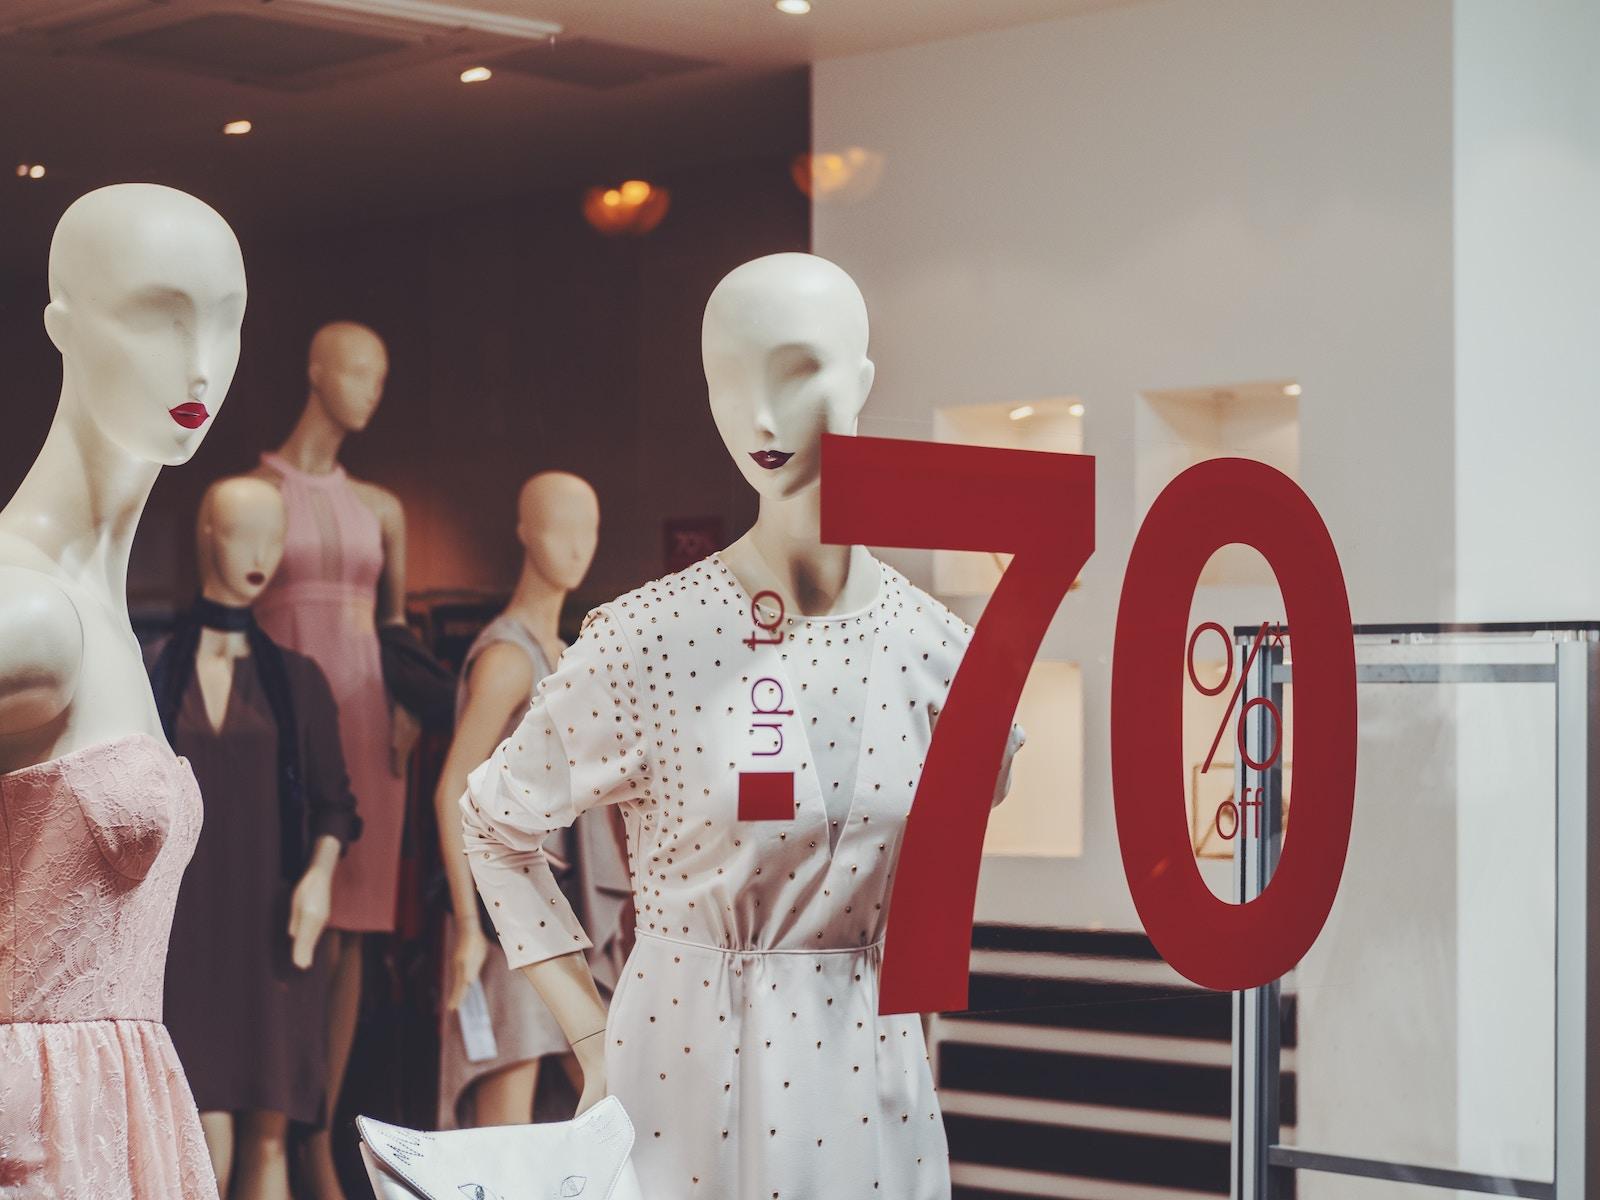 Jakoju bude ukraїnśka e-commerce sfera u 2018 roci — prognoz EVO